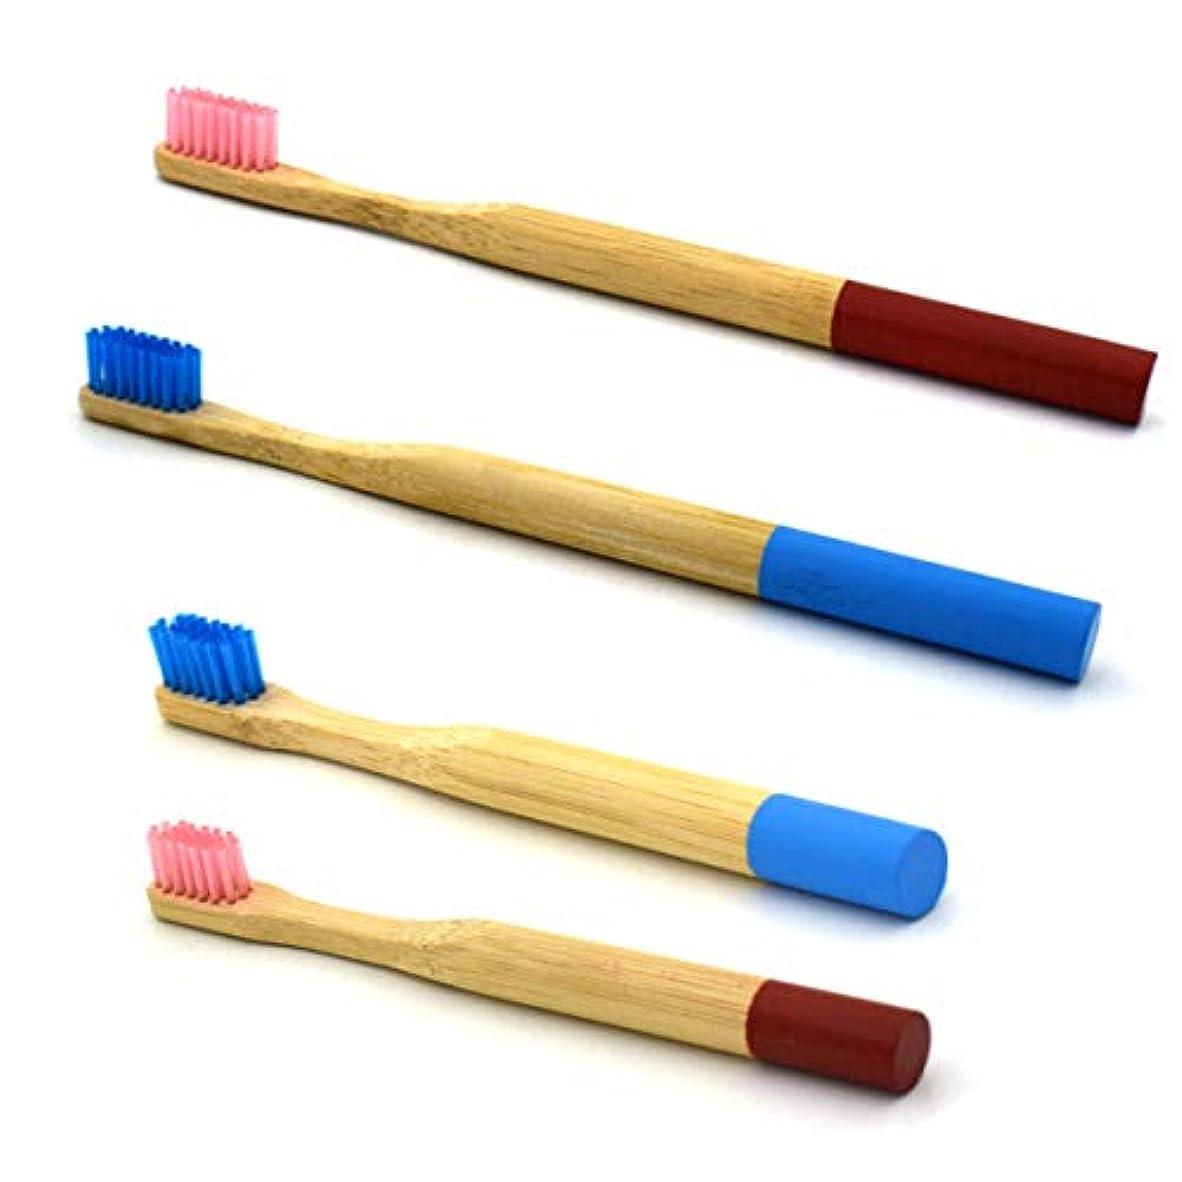 不正確より良い葉巻SUPVOX 柔らかい毛の丸いハンドルが付いている2組の天然の竹歯ブラシ